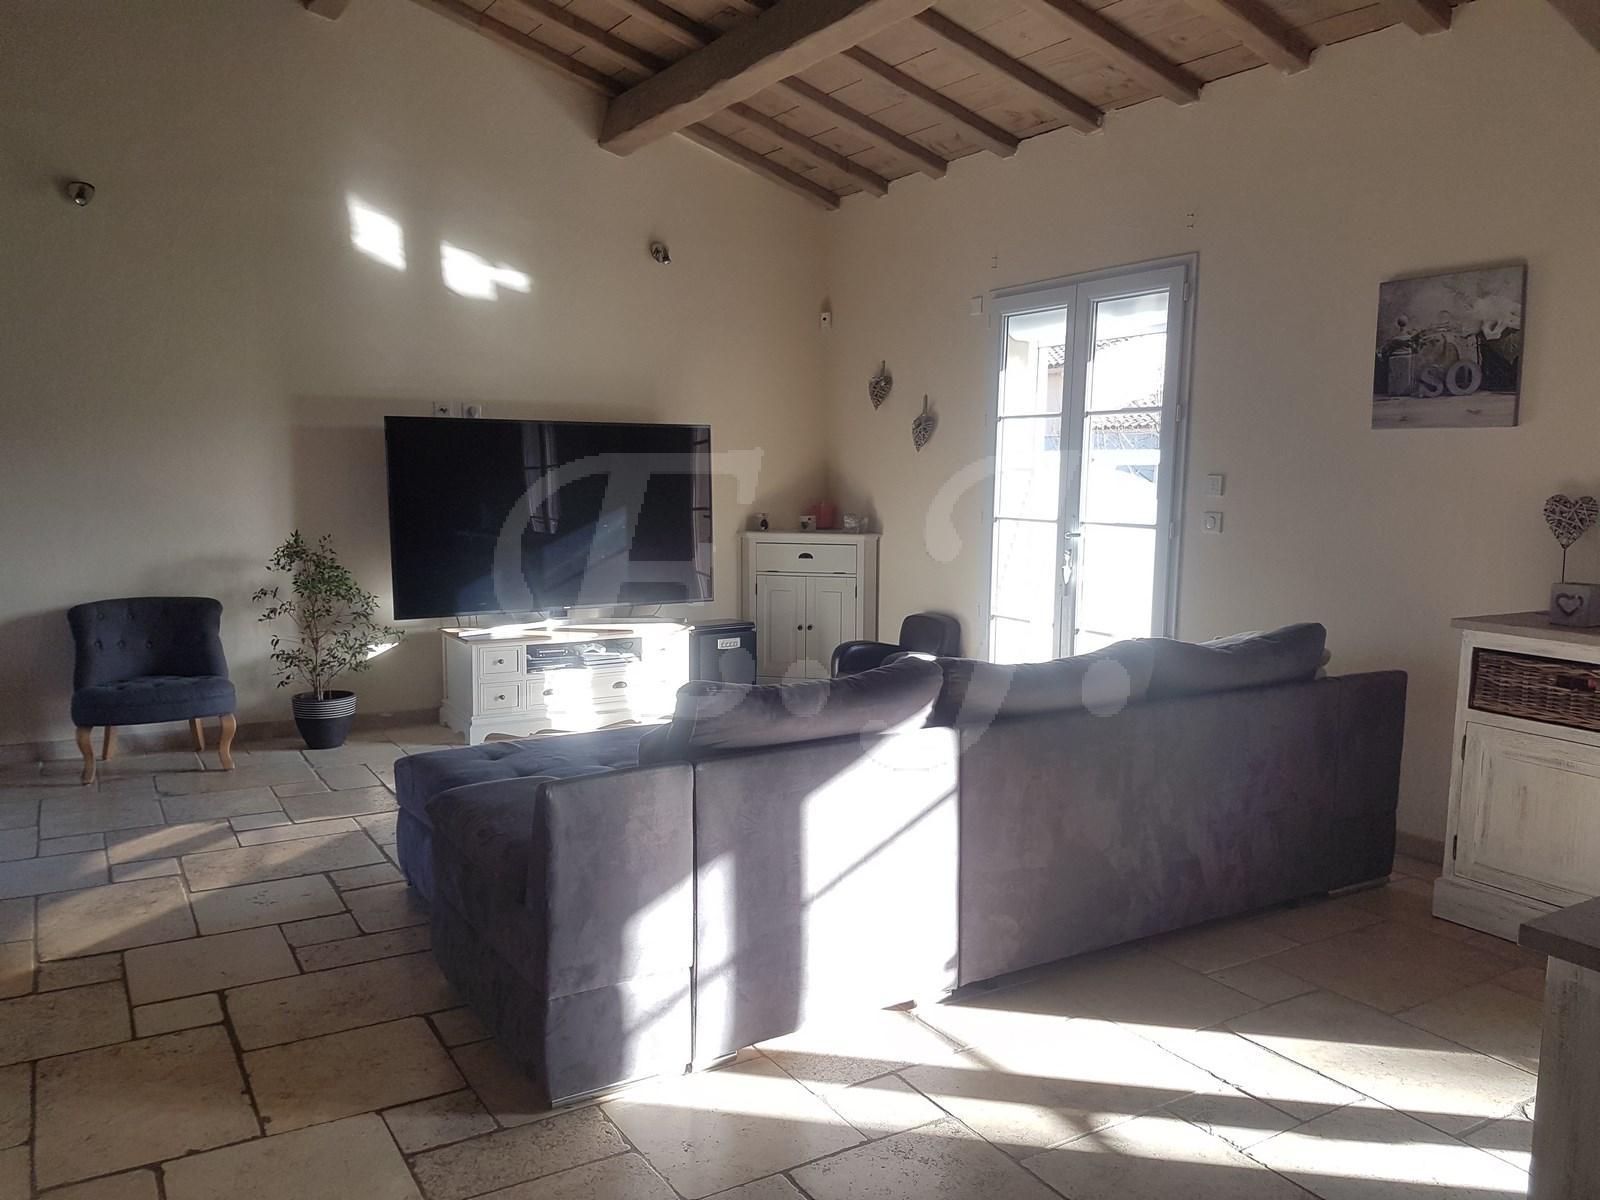 A vendre à Cabrières d'Avignon maison 4 chambres avec piscine et garage